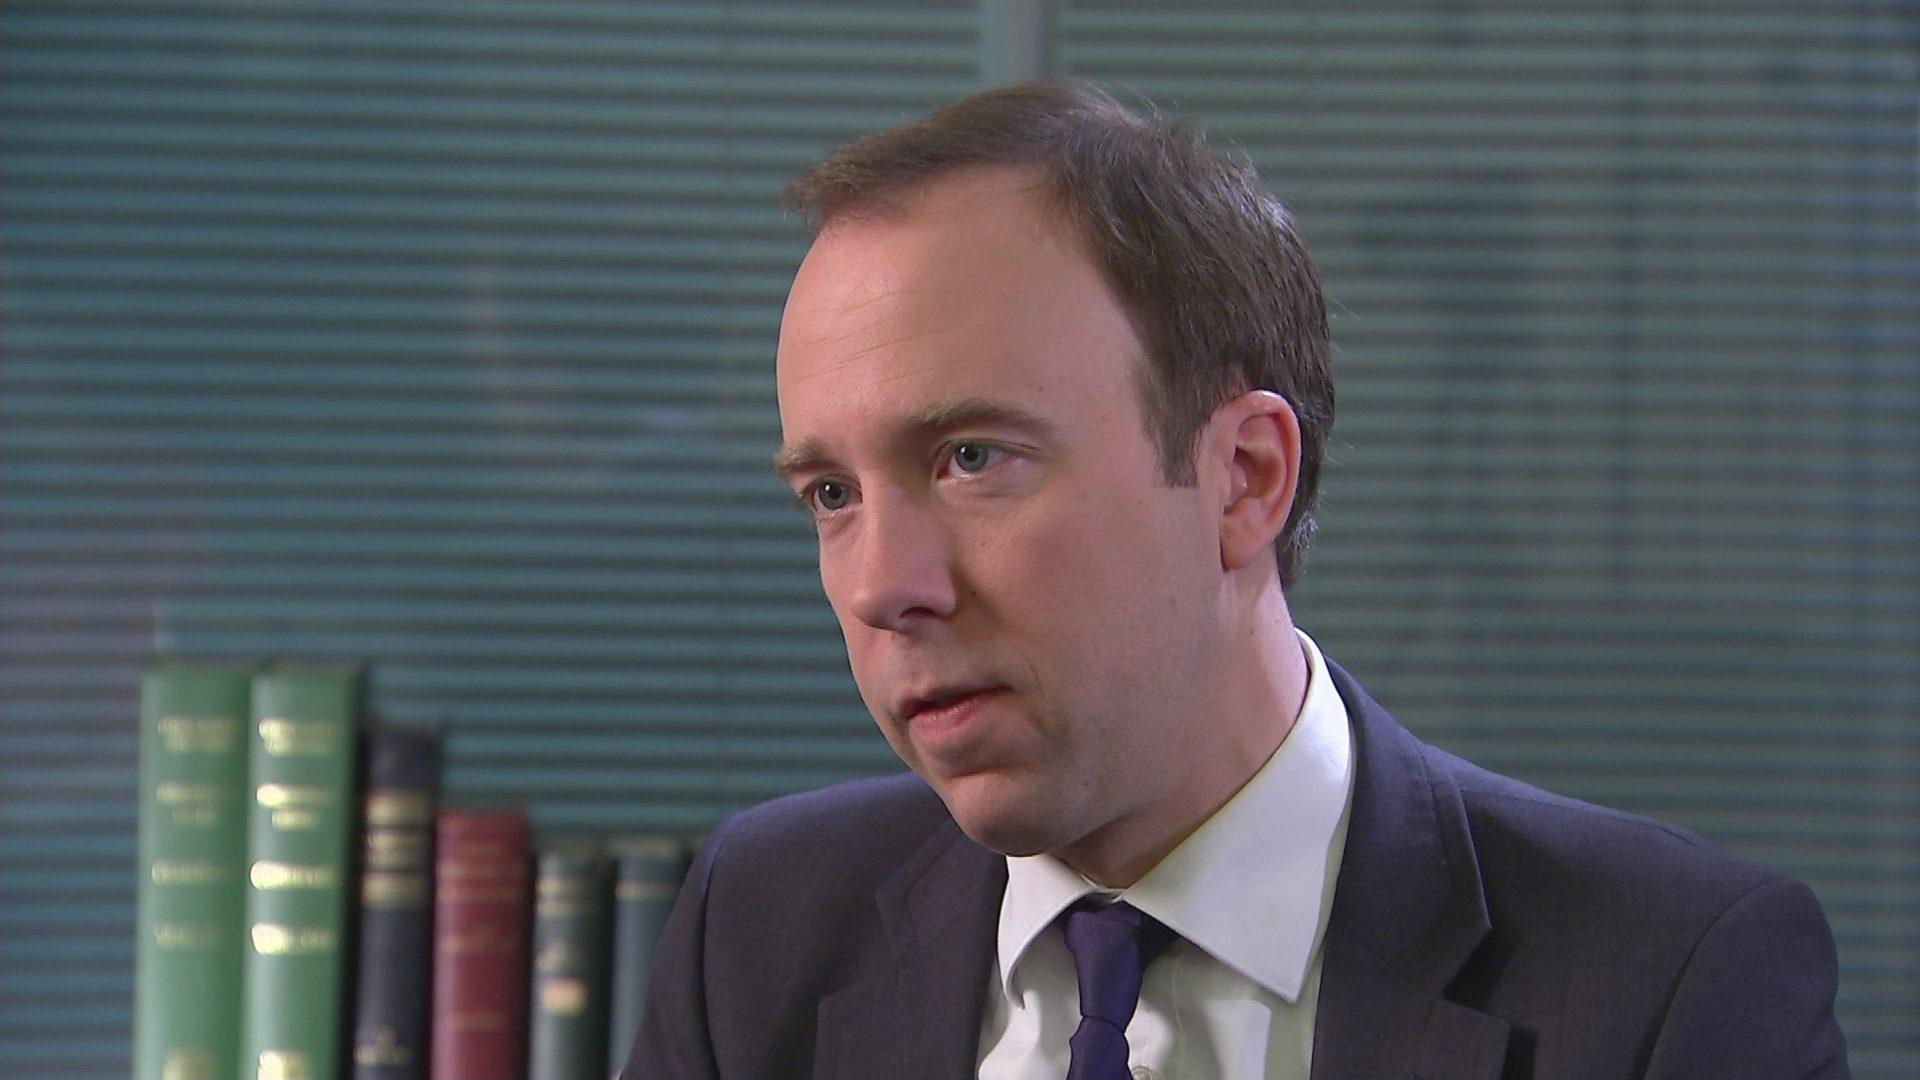 Ограничения по COVID-19 в Великобритании отменят нескоро – министр